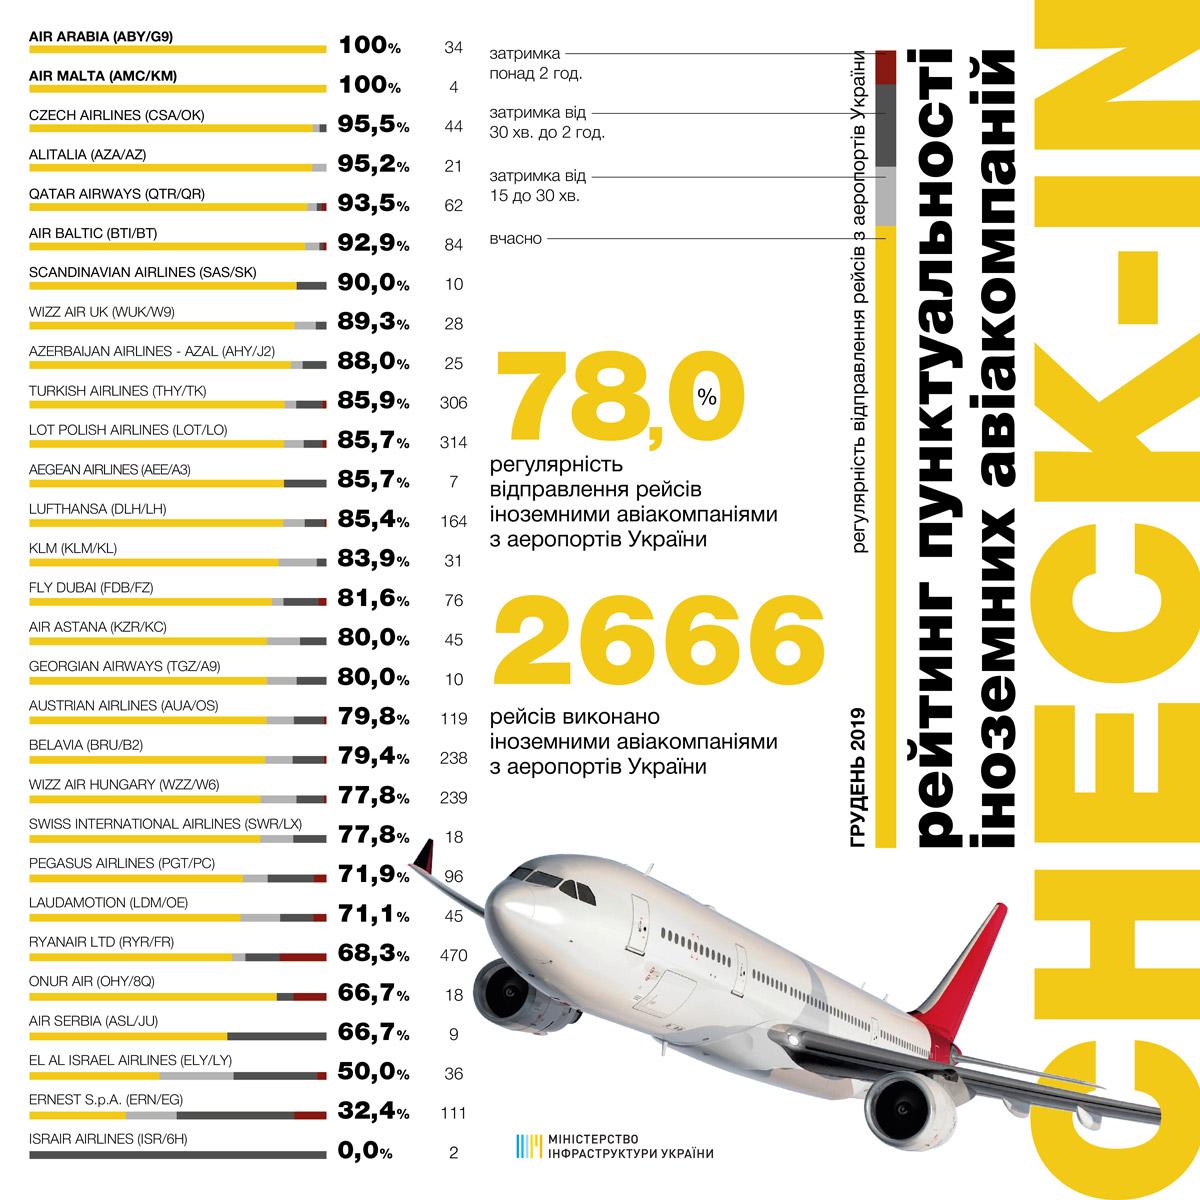 Статистика пунктуальности иностранных авиакомпаний в декабре 2019 года